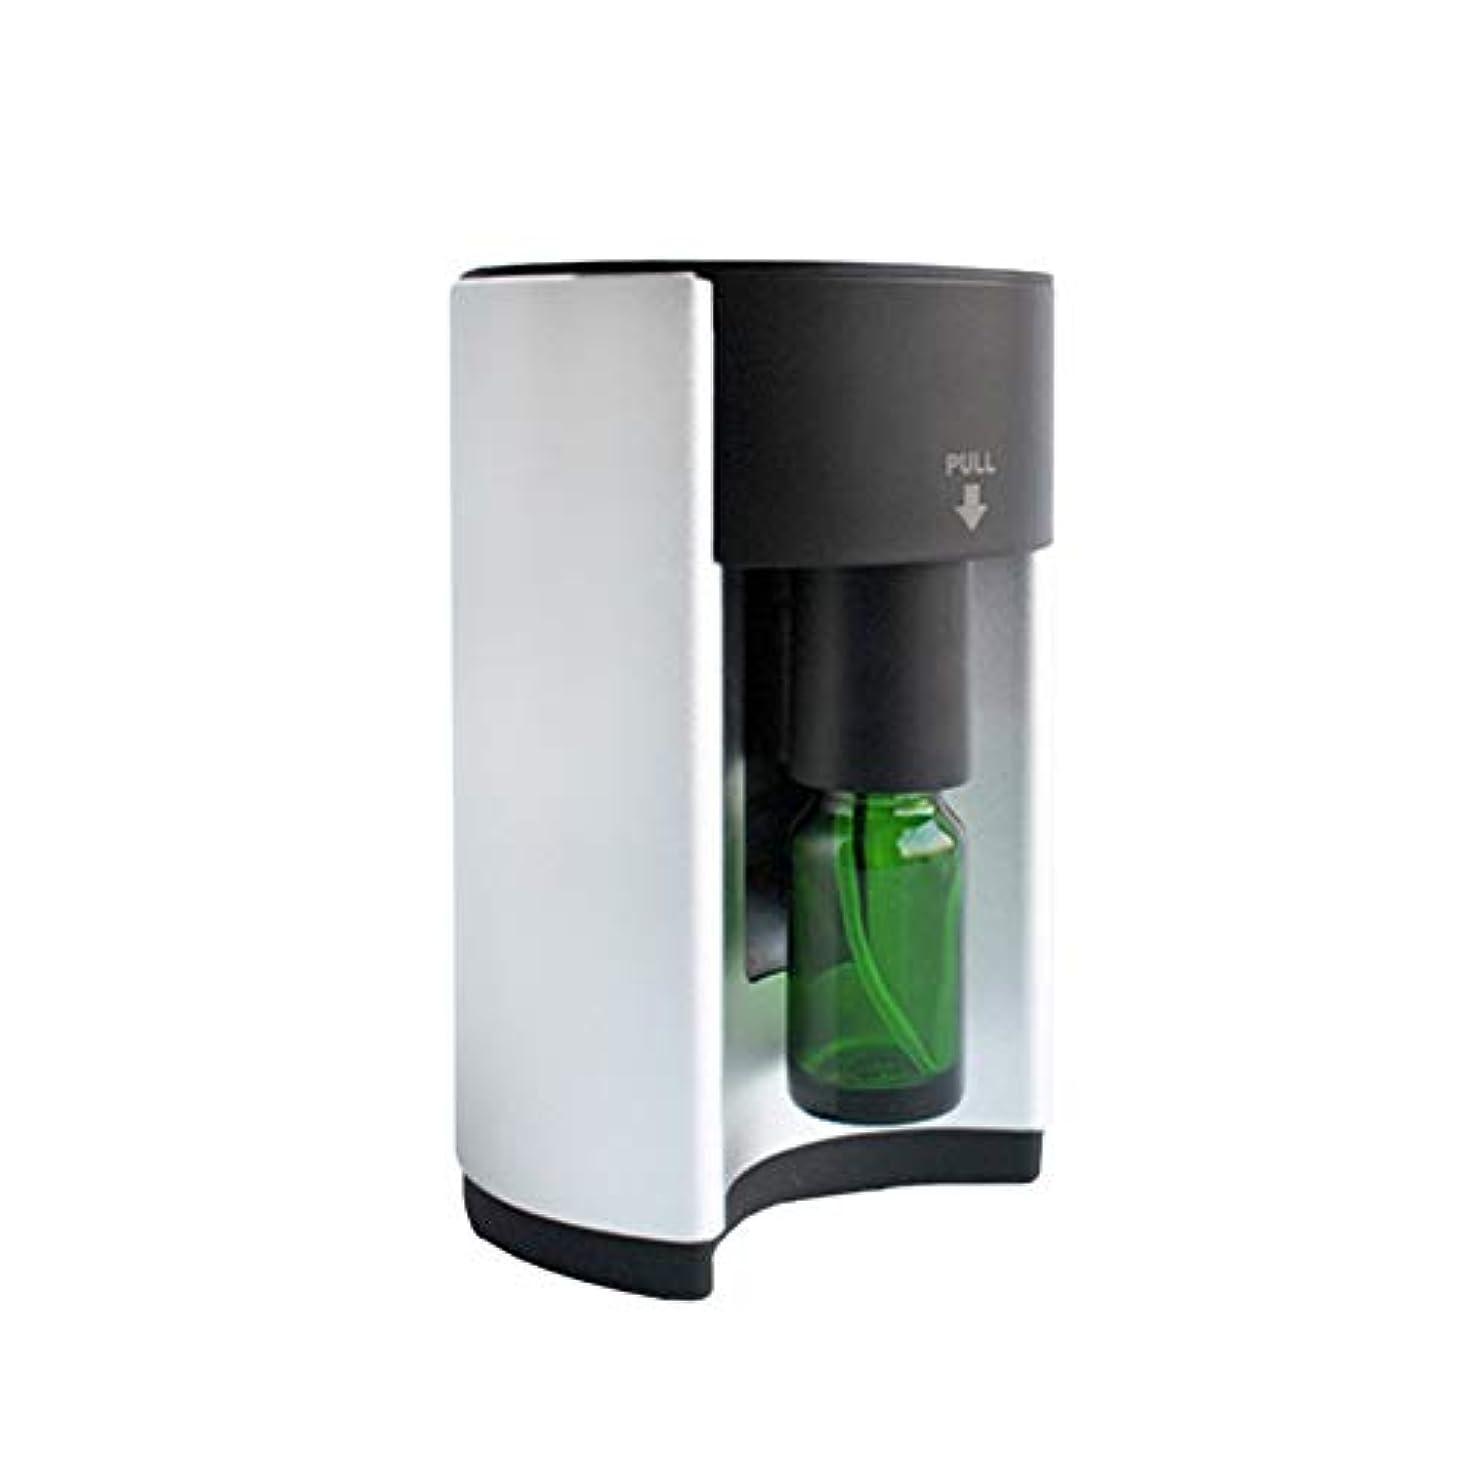 ハンバーガープレビュー甘い広範囲適用 アロマディフューザー ネブライザー式 シルバー アロマオイル アロマグラス 人気 タイマー機能 コンパクトタイプ エッセンシャルオイル 加湿 うるおい